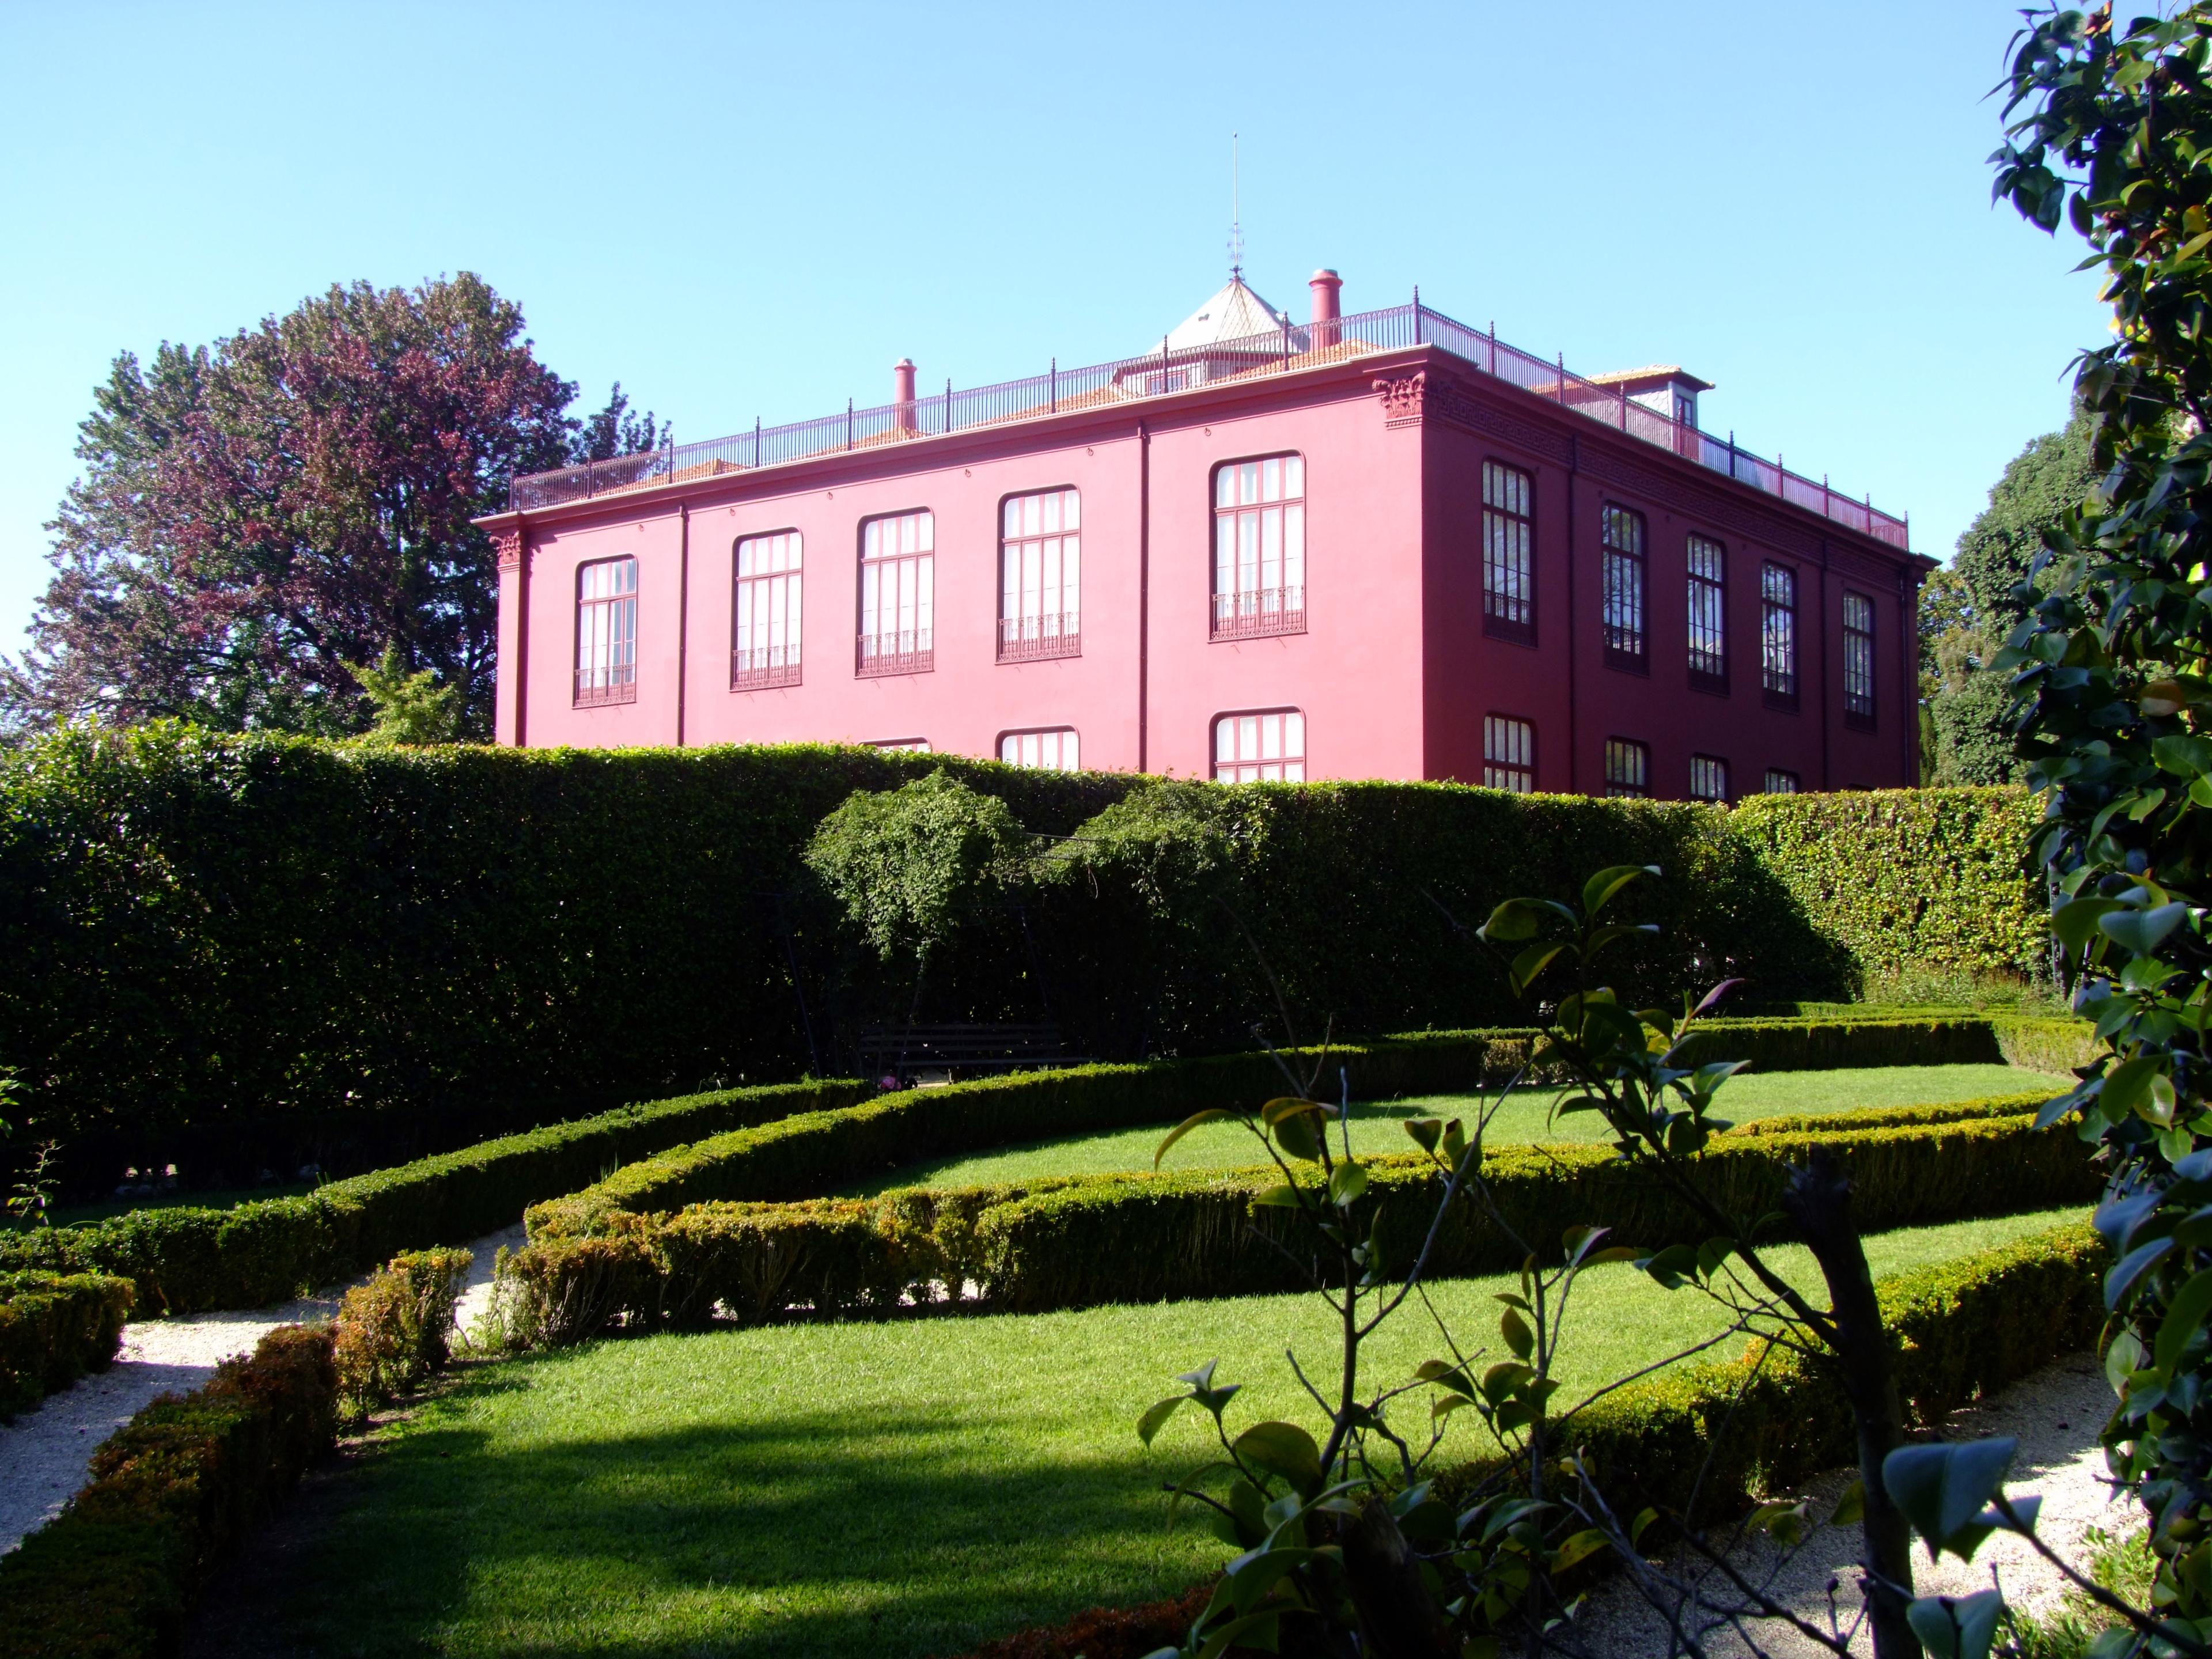 FicheiroJardim Botânico Porto  trasjpg – Wikipédia, a